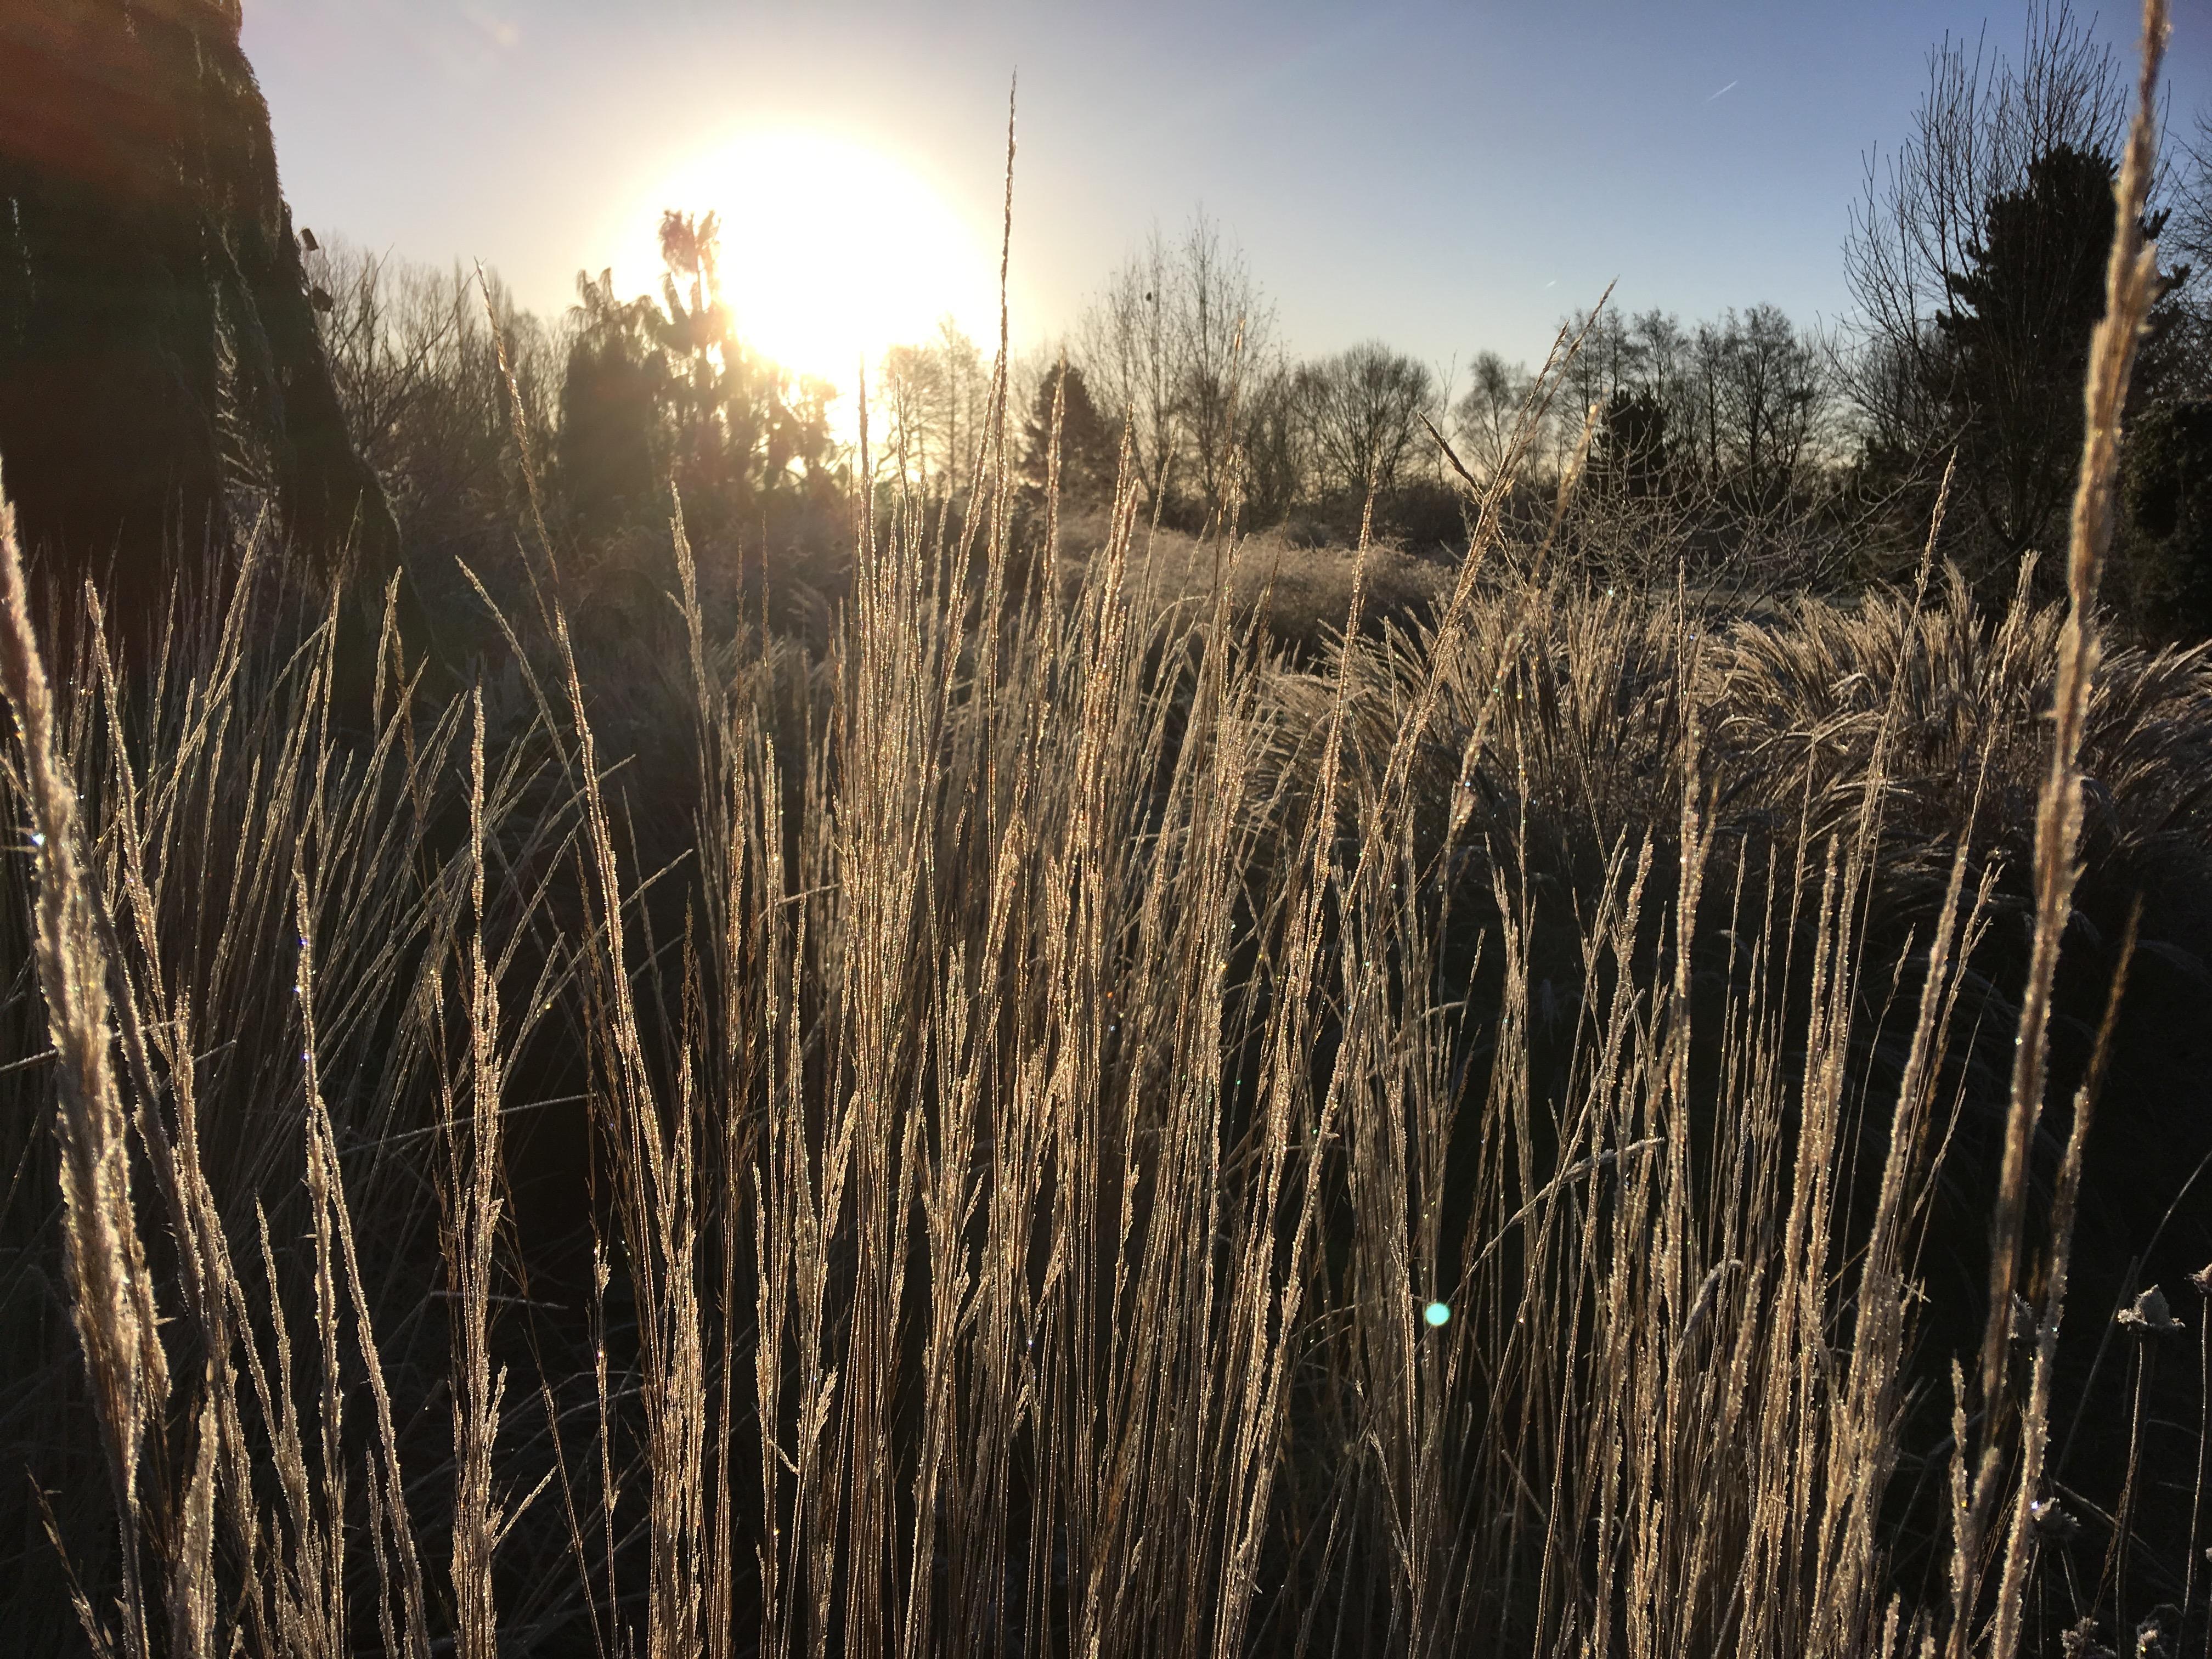 Grasses in winter sun